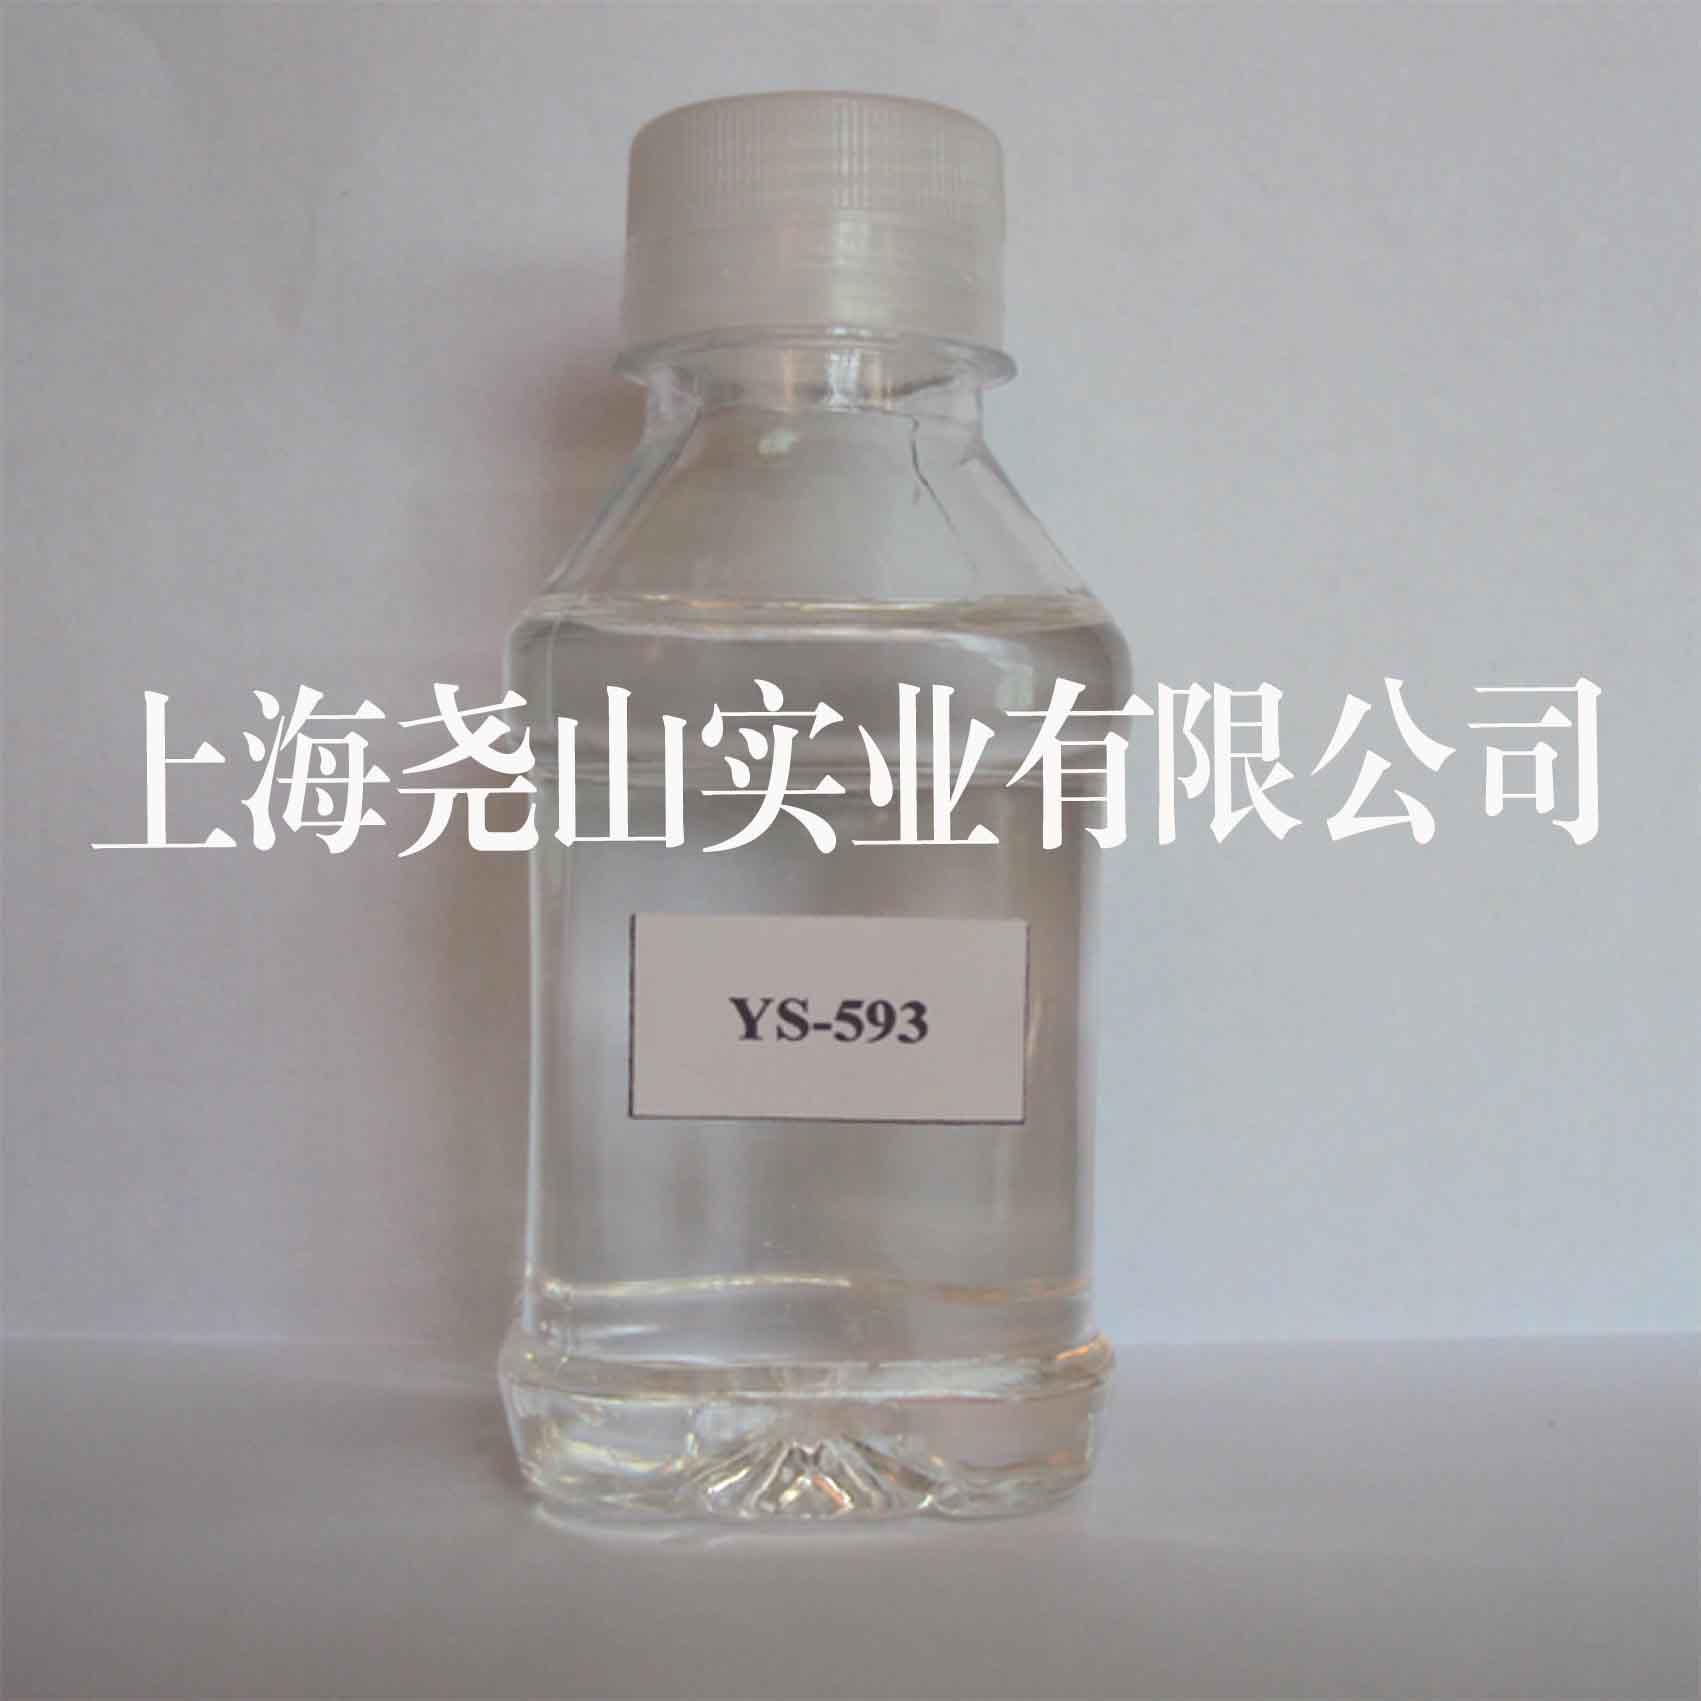 环氧树脂黏胶剂专用593固化剂 环氧树脂粘胶剂专用593固化剂